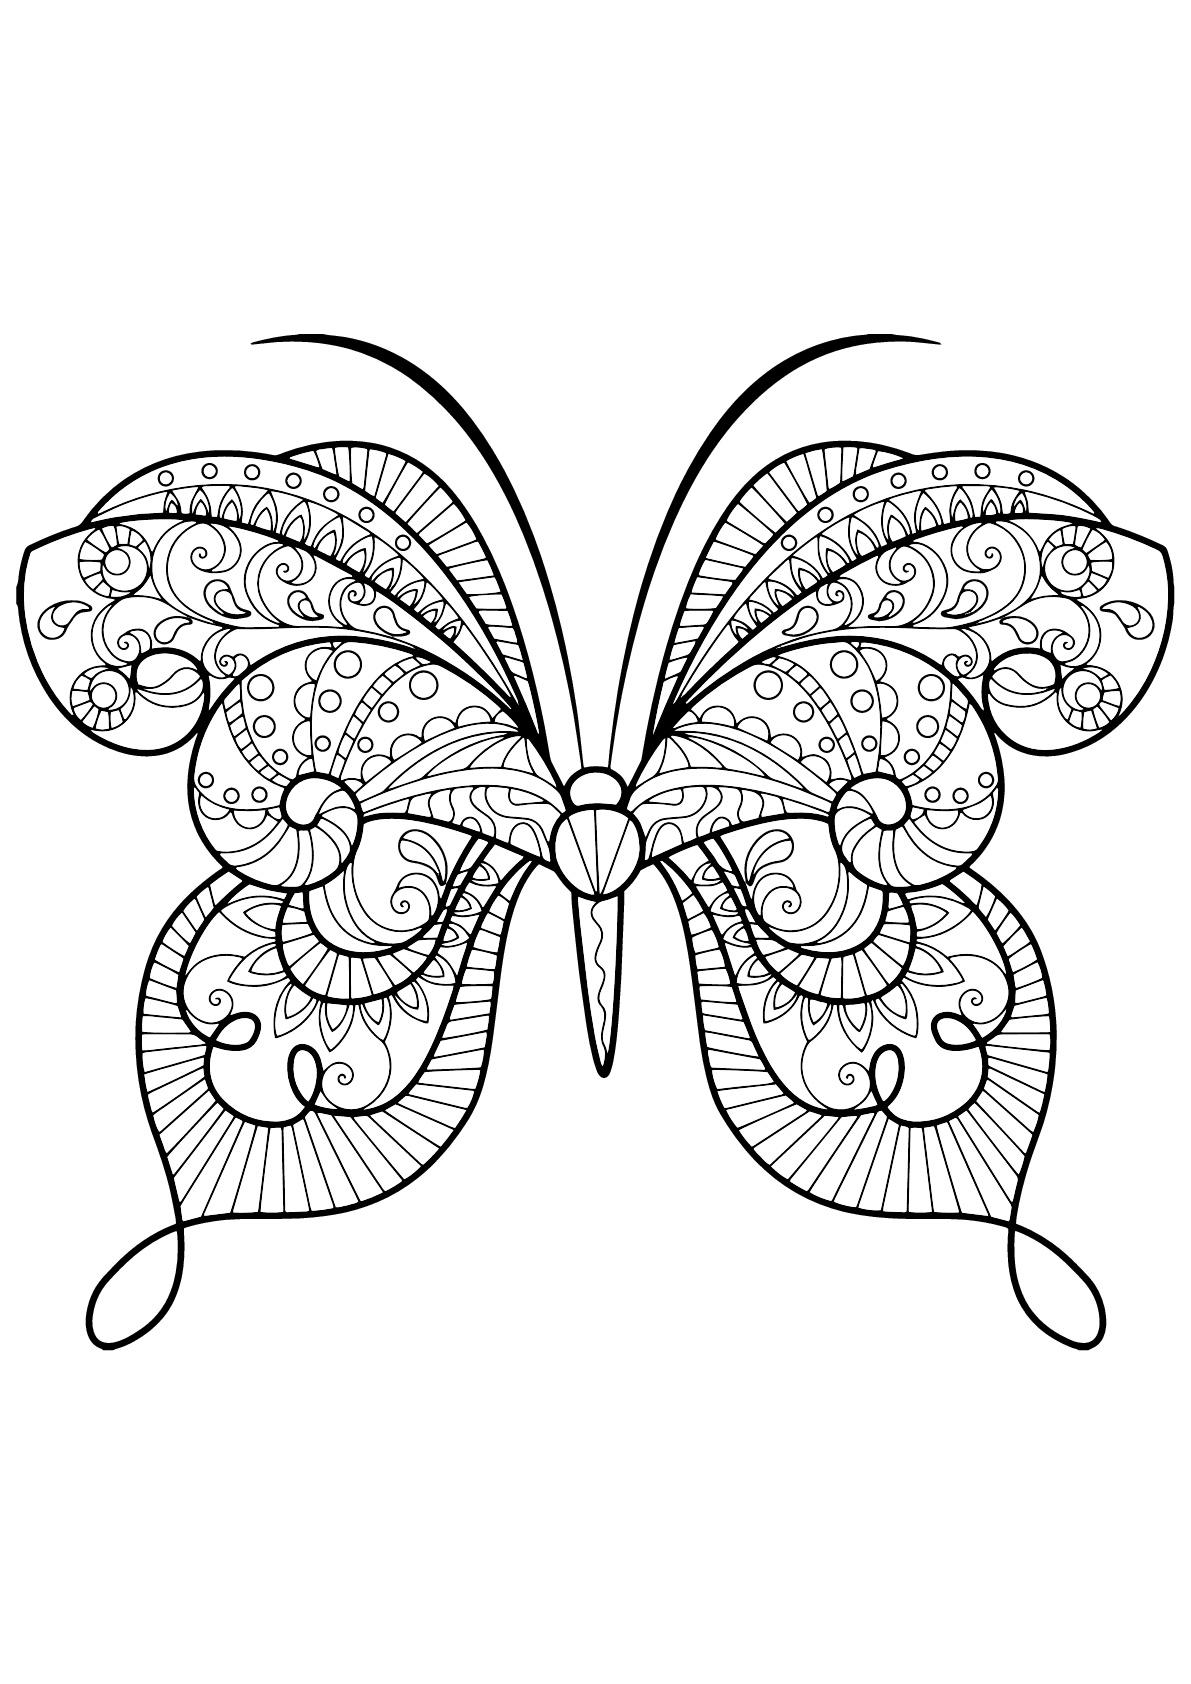 Papillon jolis motifs 15 papillons insectes coloriages difficiles pour adultes - Coloriage de papillon ...